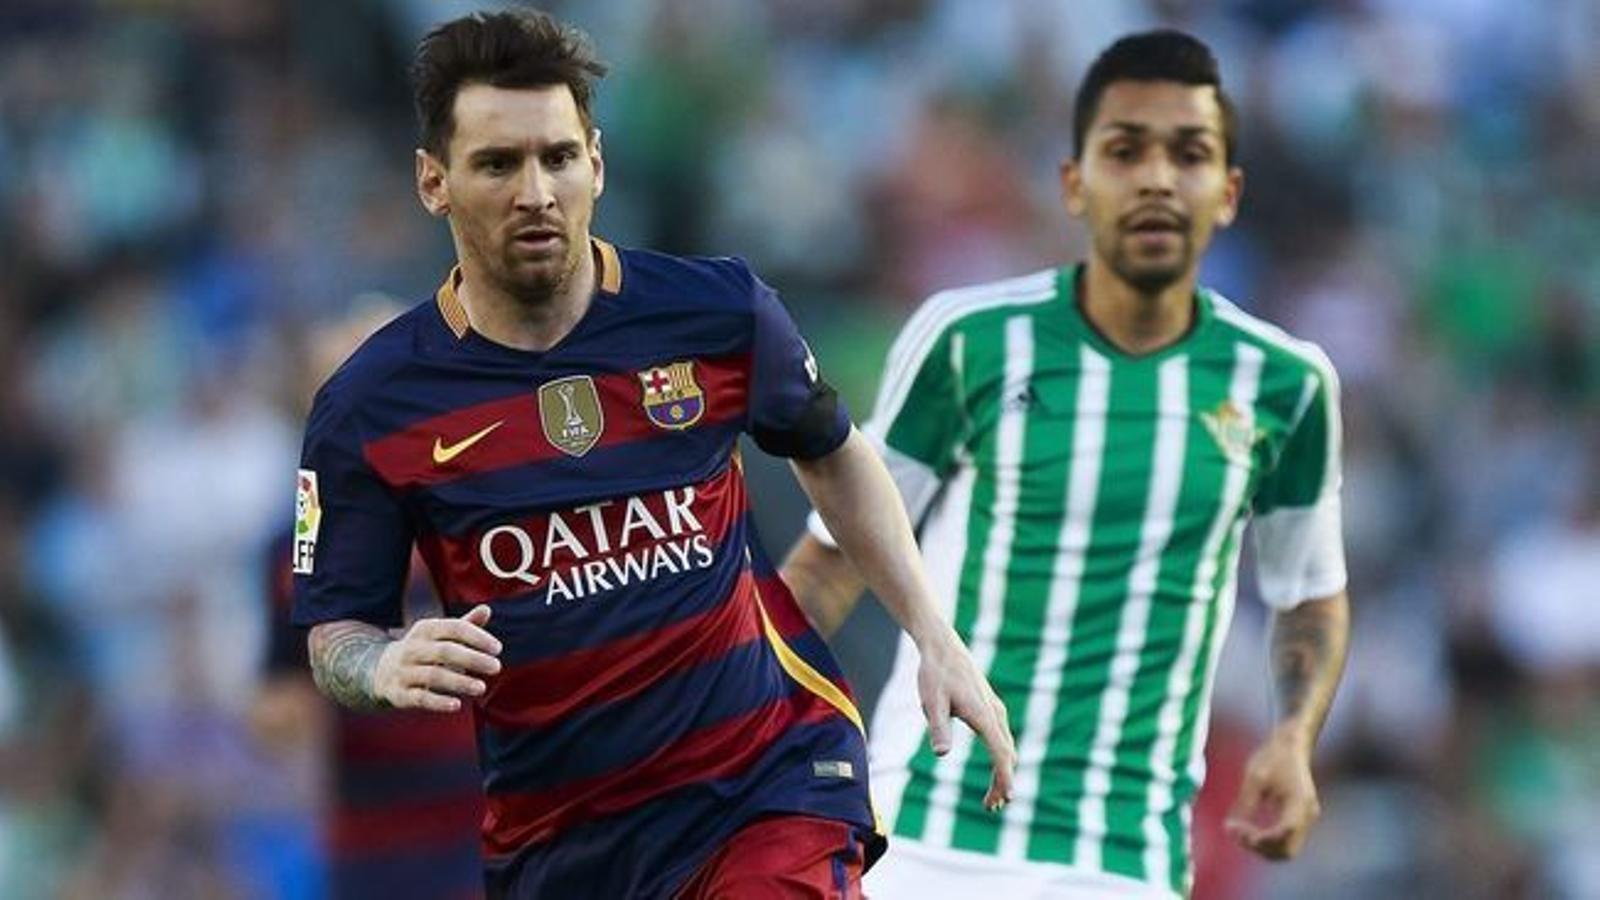 El Betis serà el primer rival del Barça en Lliga el proper curs